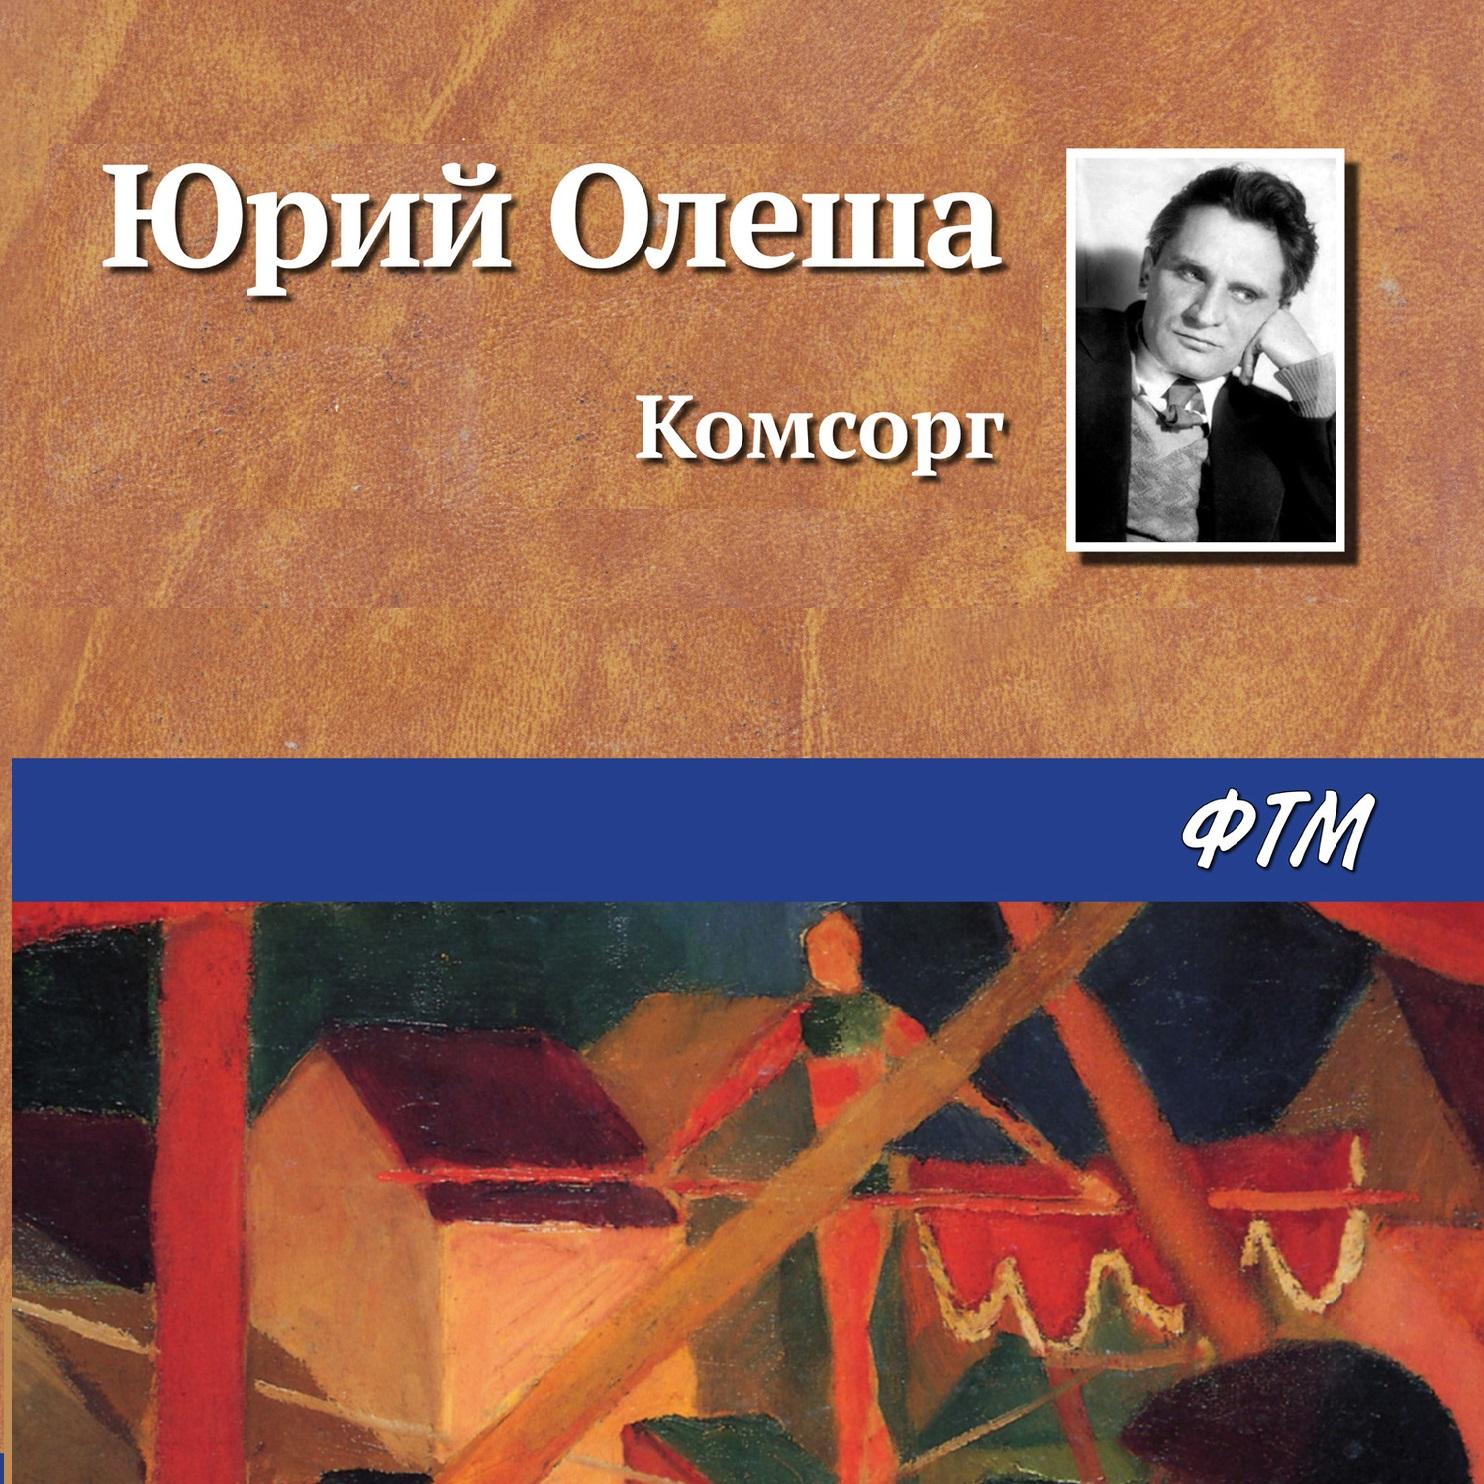 Купить книгу Комсорг, автора Юрия Олеши